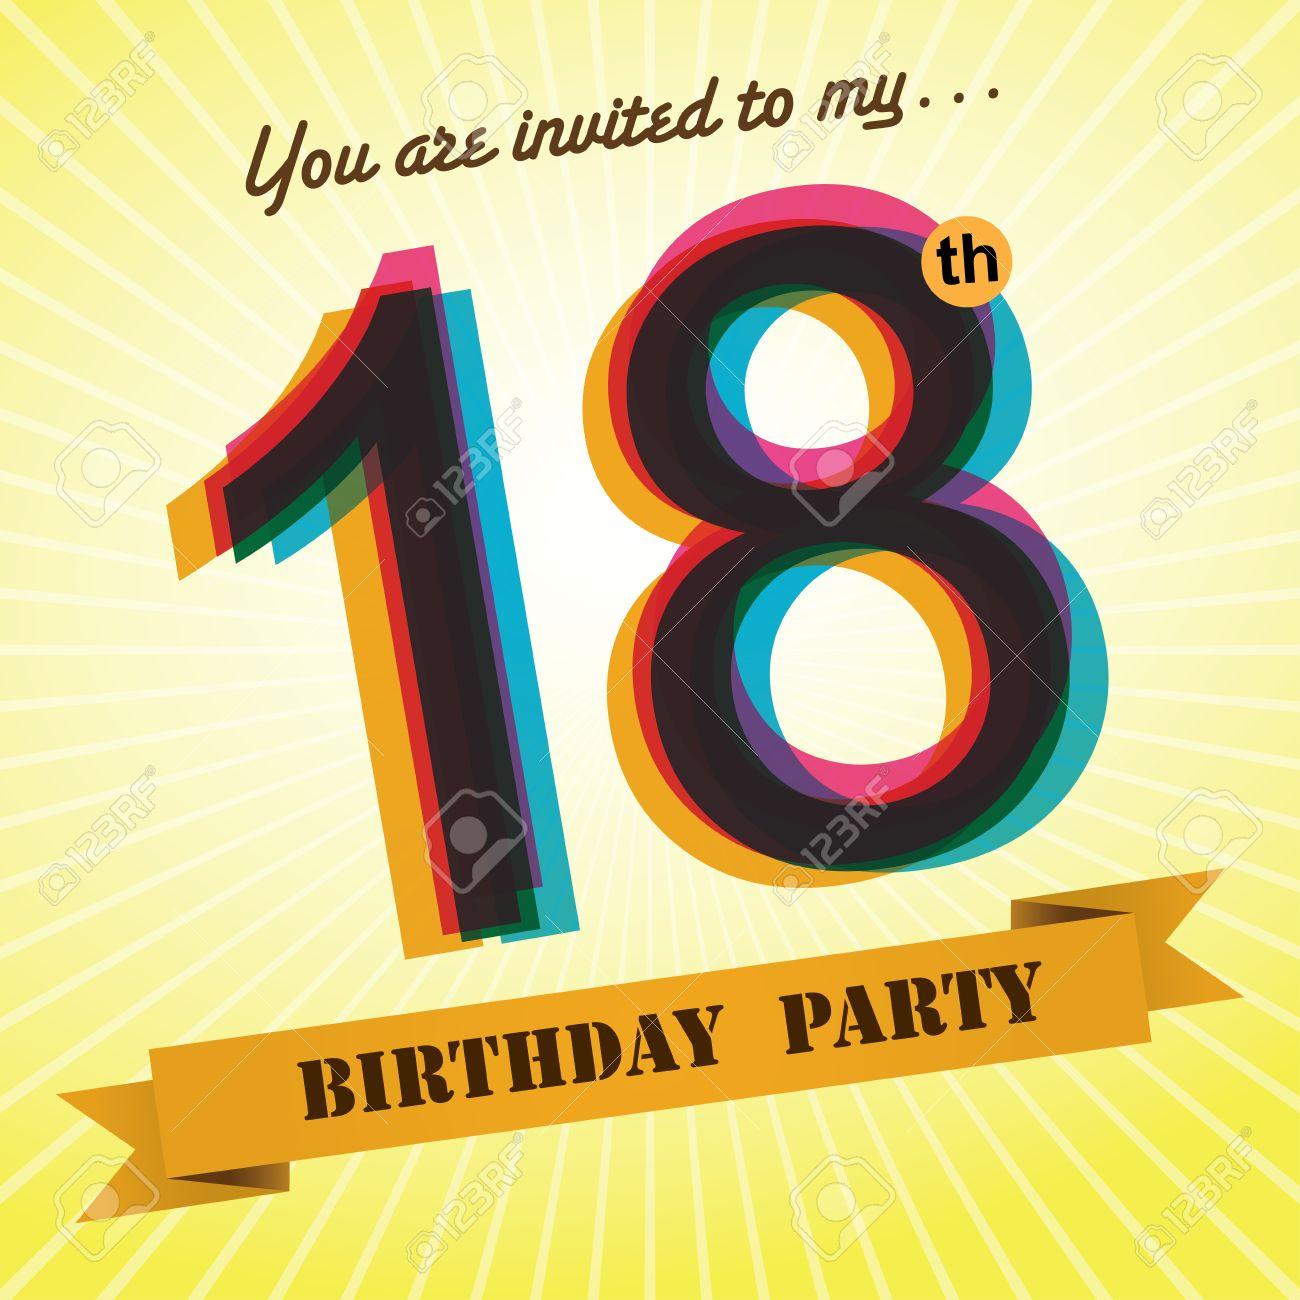 18th birthday party invite template design retro style vector 18th birthday party invite template design retro style vector stock vector 27373604